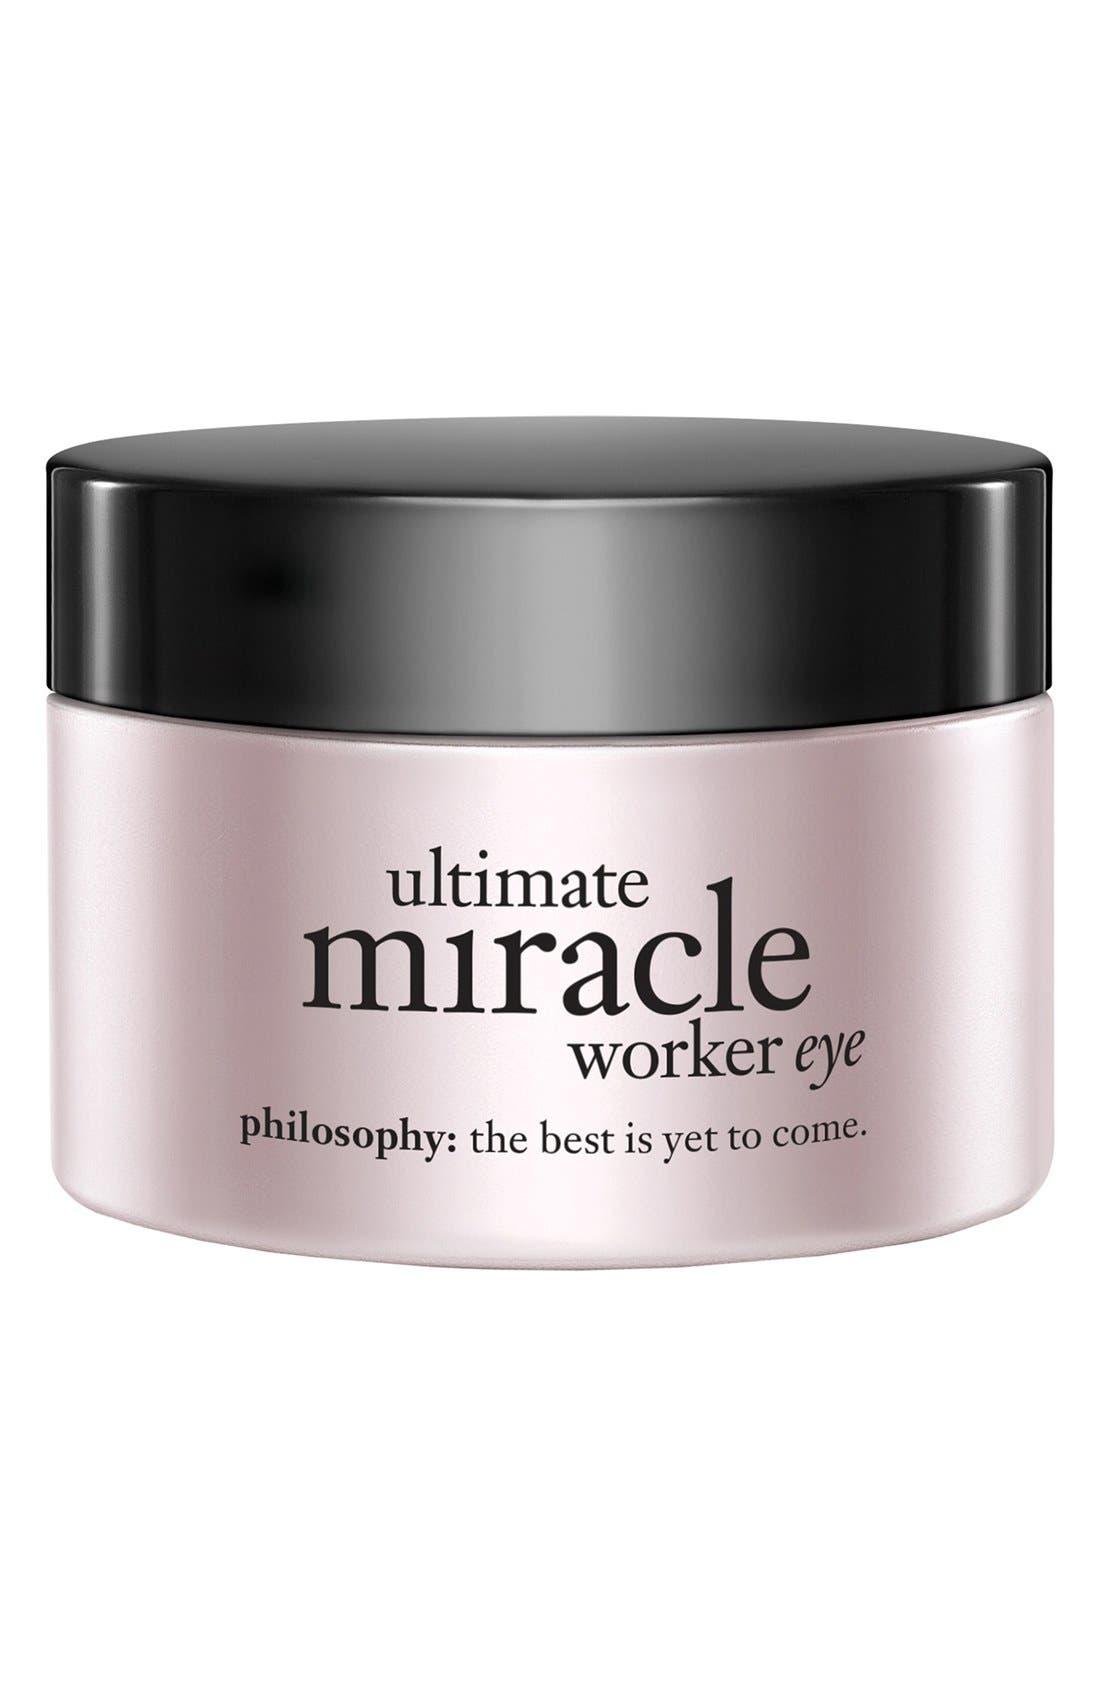 philosophy 'ultimate miracle worker eye' multi-rejuvenating eye cream broad spectrum SPF 15